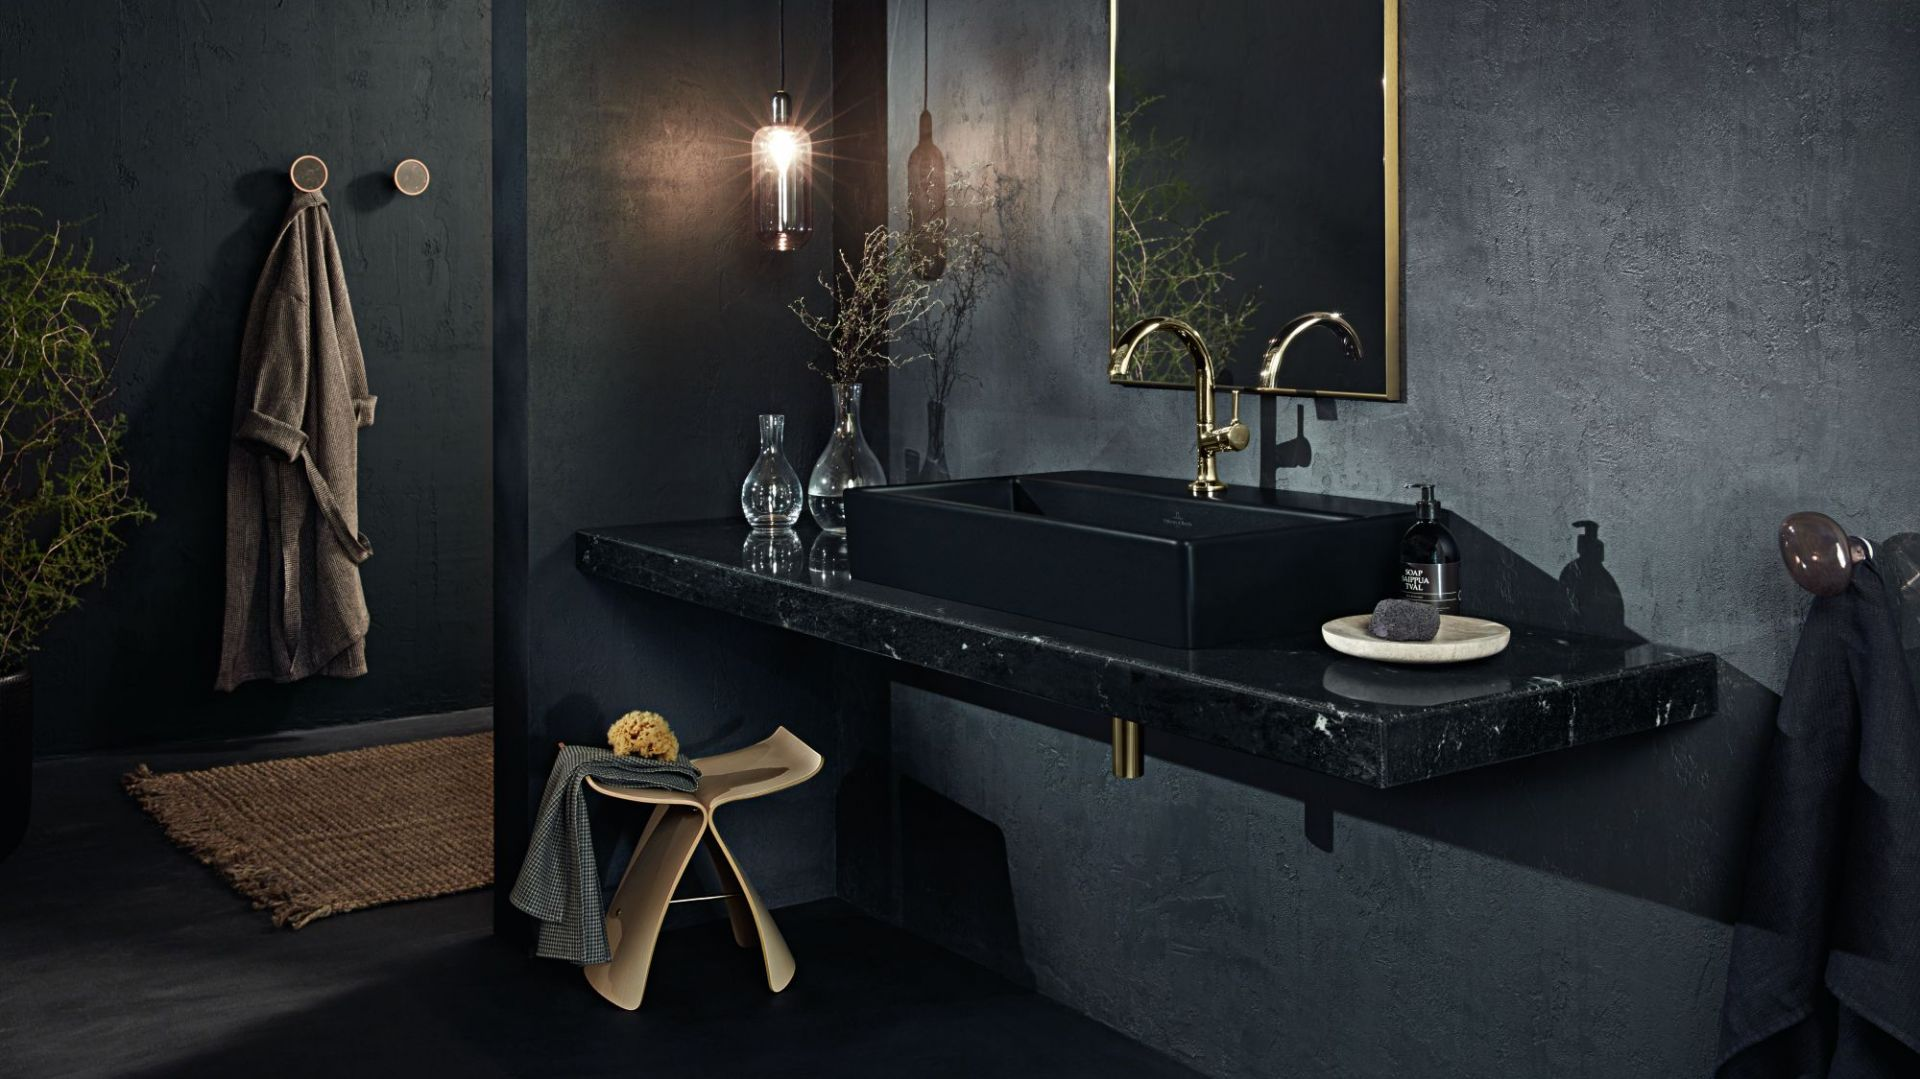 Umywalki Memento 2.0 firmy Villeroy & Boch pokryte szkliwem TitanGlaze są dostępne także w tajemniczym kolorze matowej czerni Ebony. Fot. Villeroy & Boch